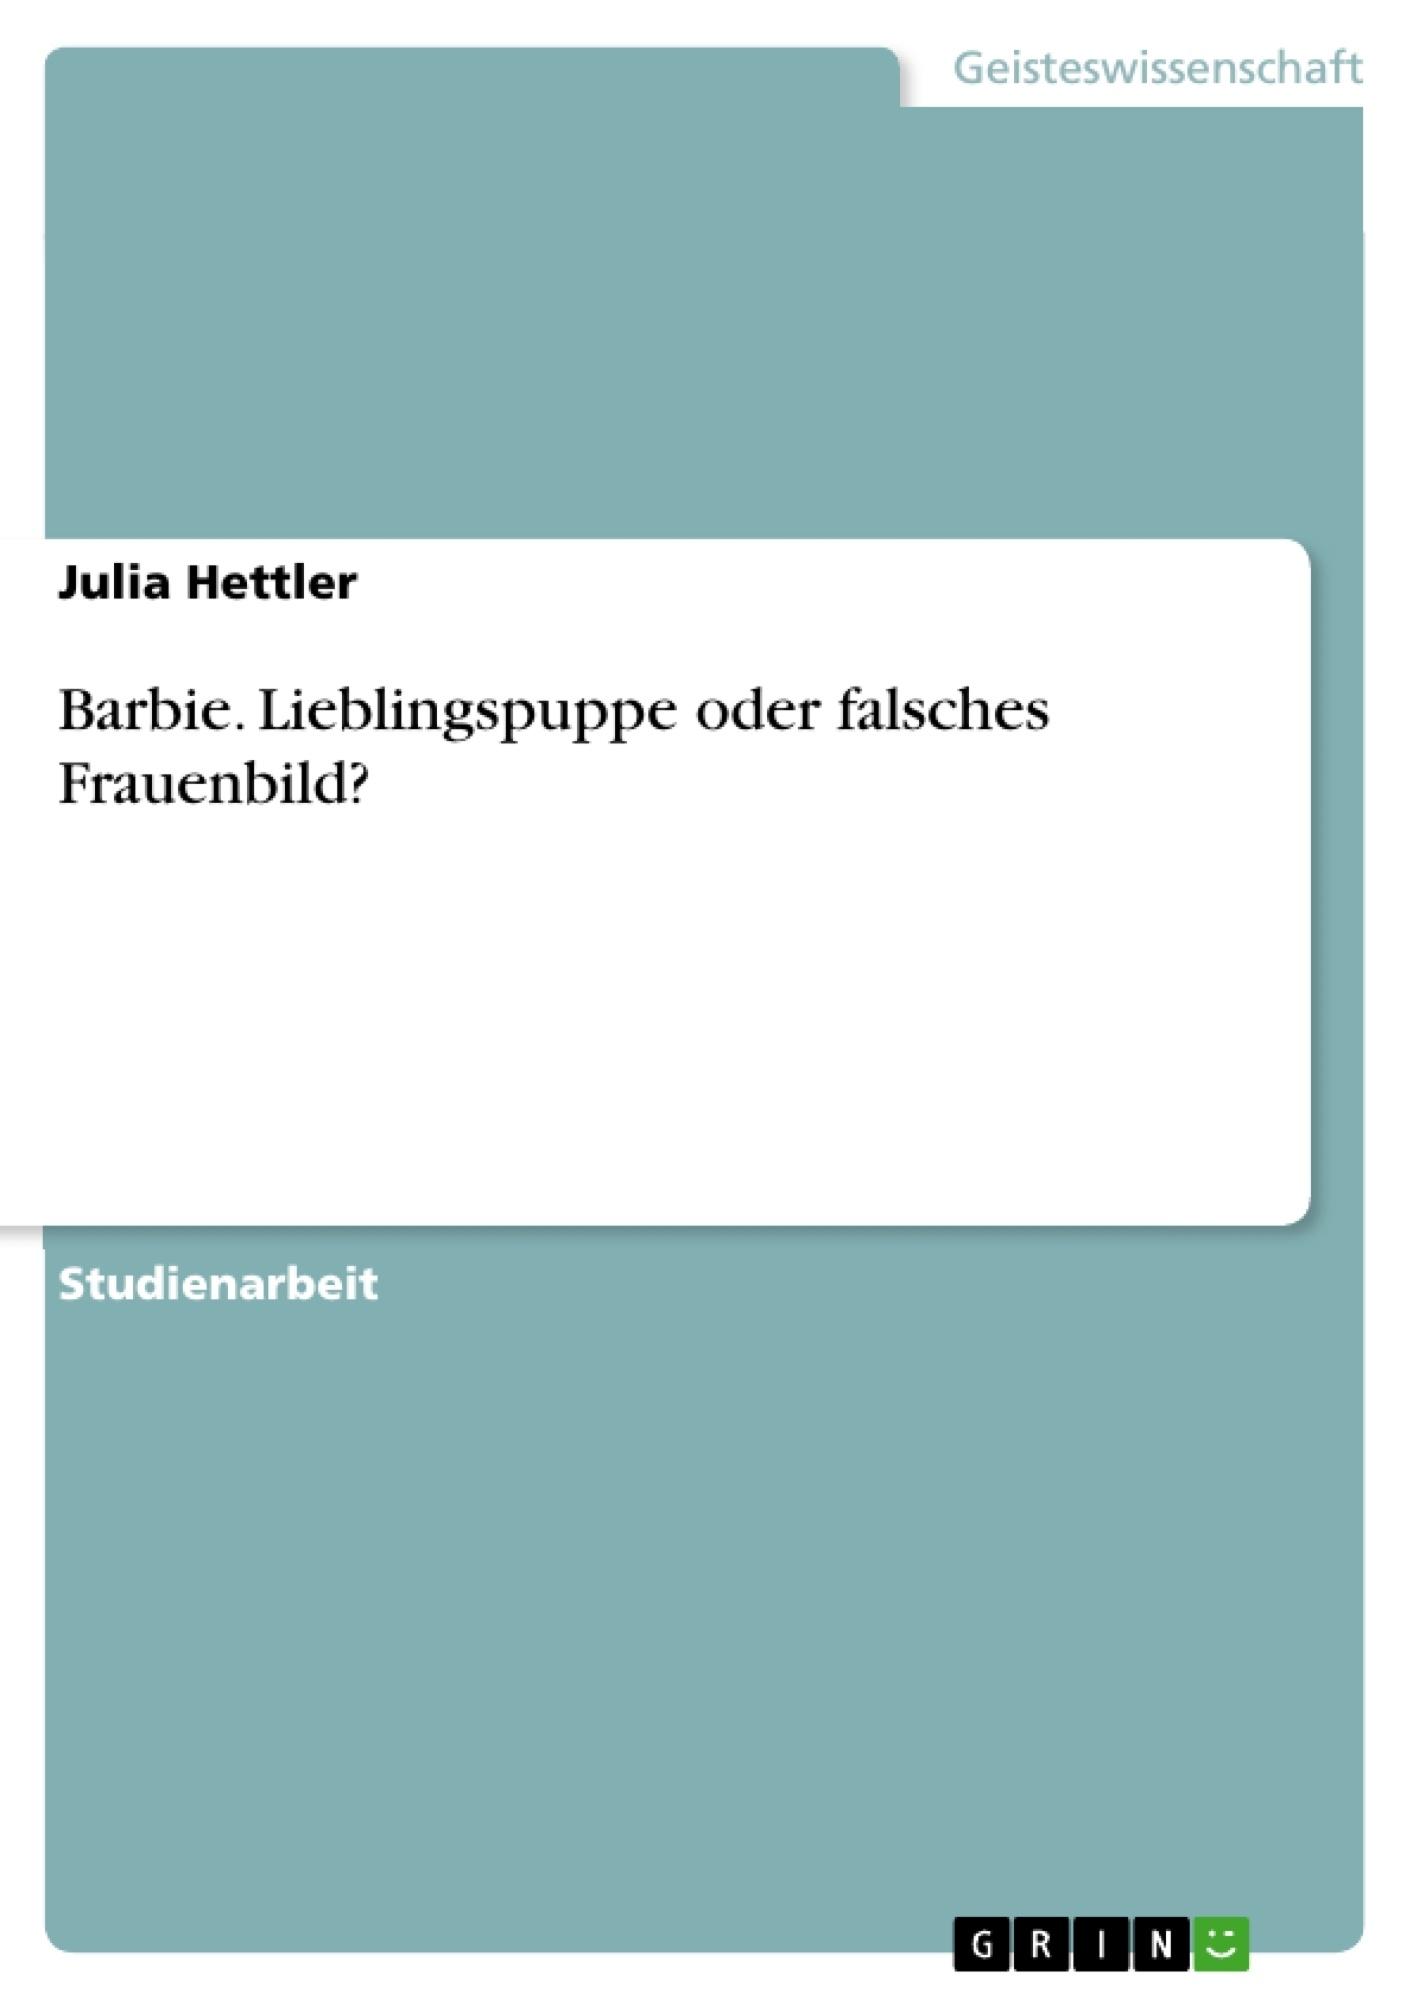 Fantastisch Lade Den Lebenslauf Auf Monster Hoch Bilder - Entry ...